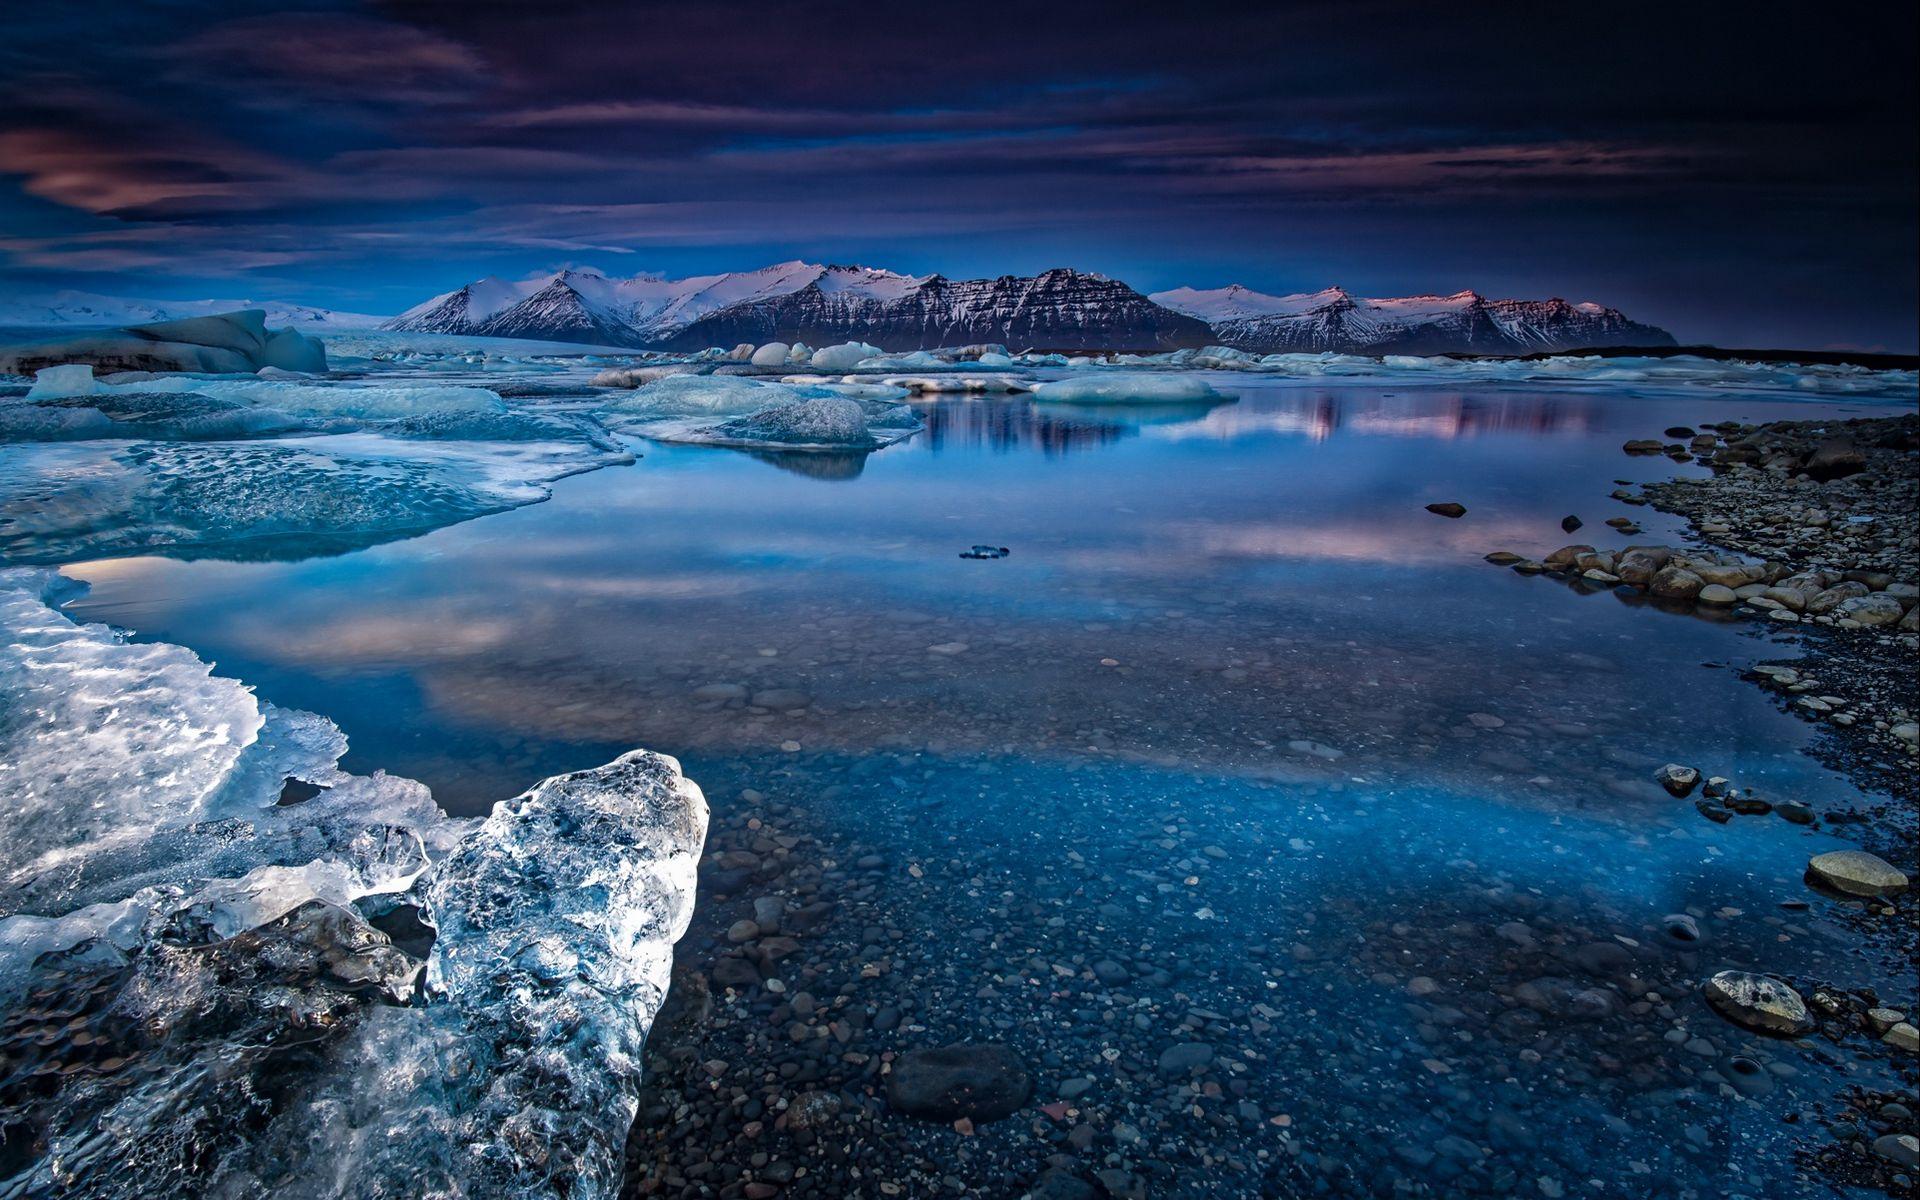 Fondos de pantalla Montañas en lago con hielo y nieve